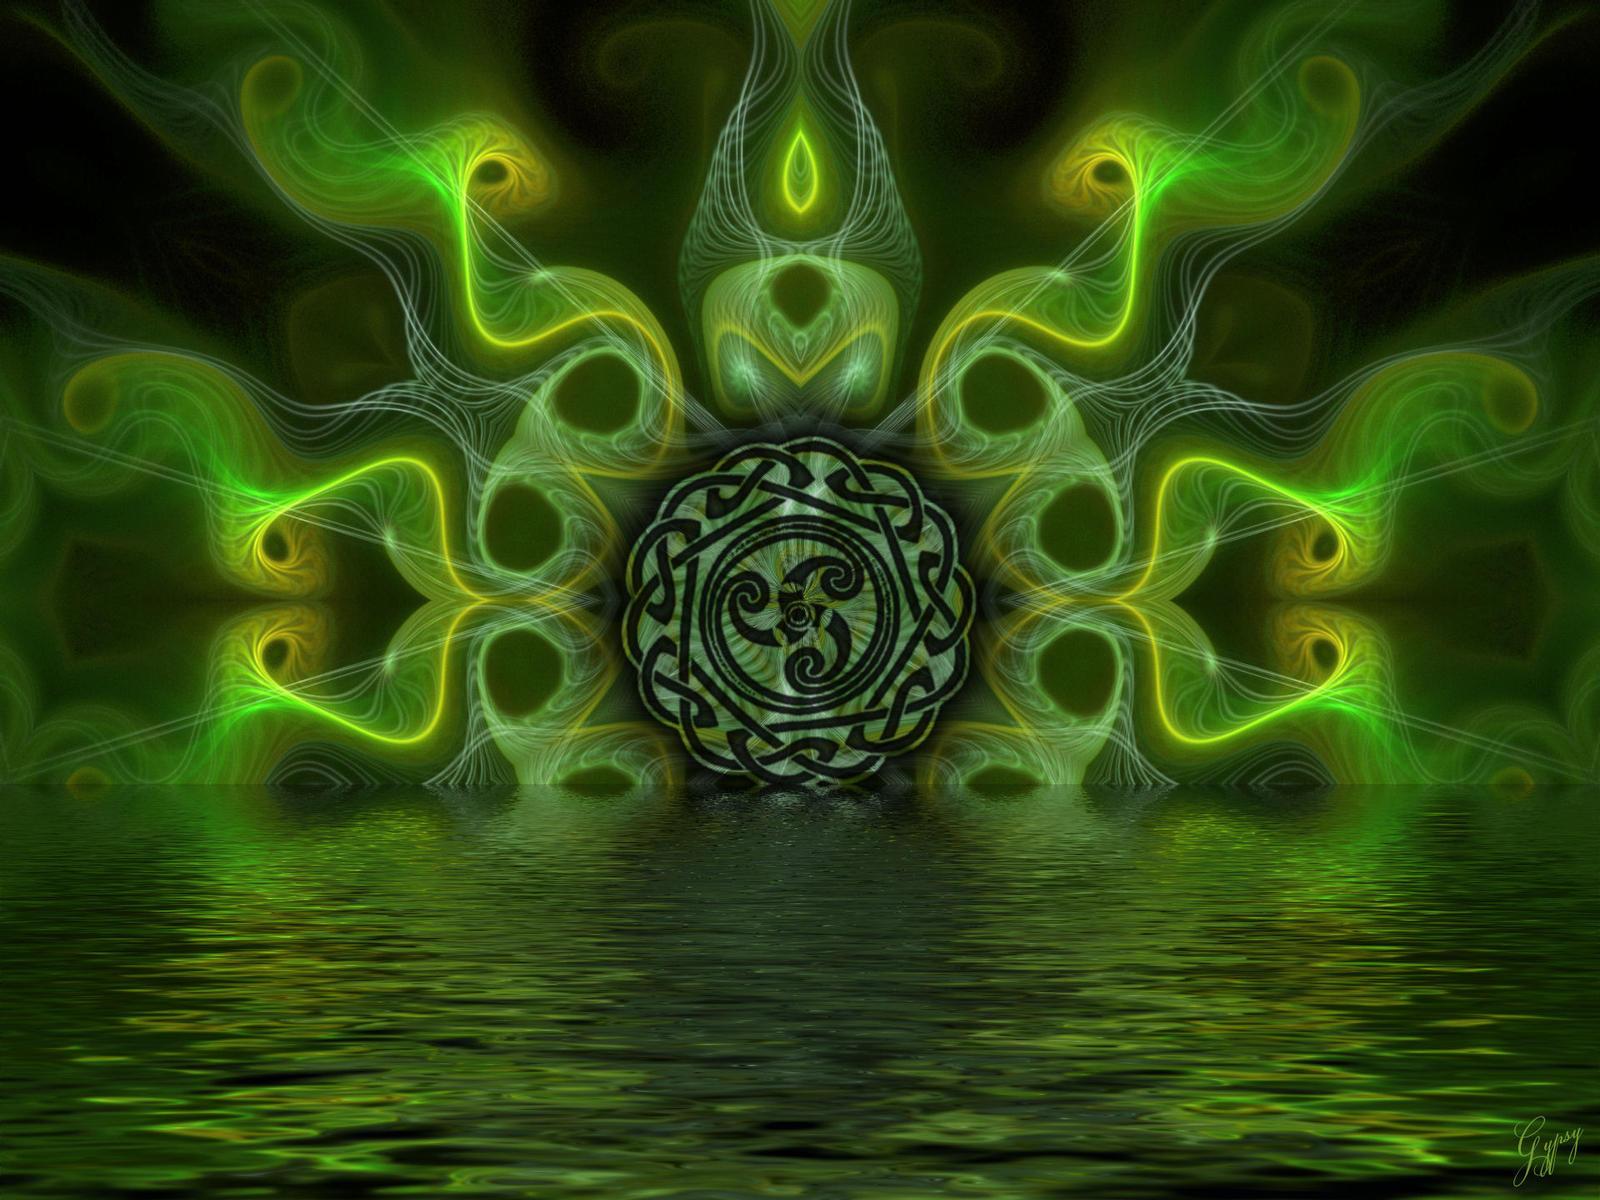 Celtic Art Wallpaper Hd Zooreka River